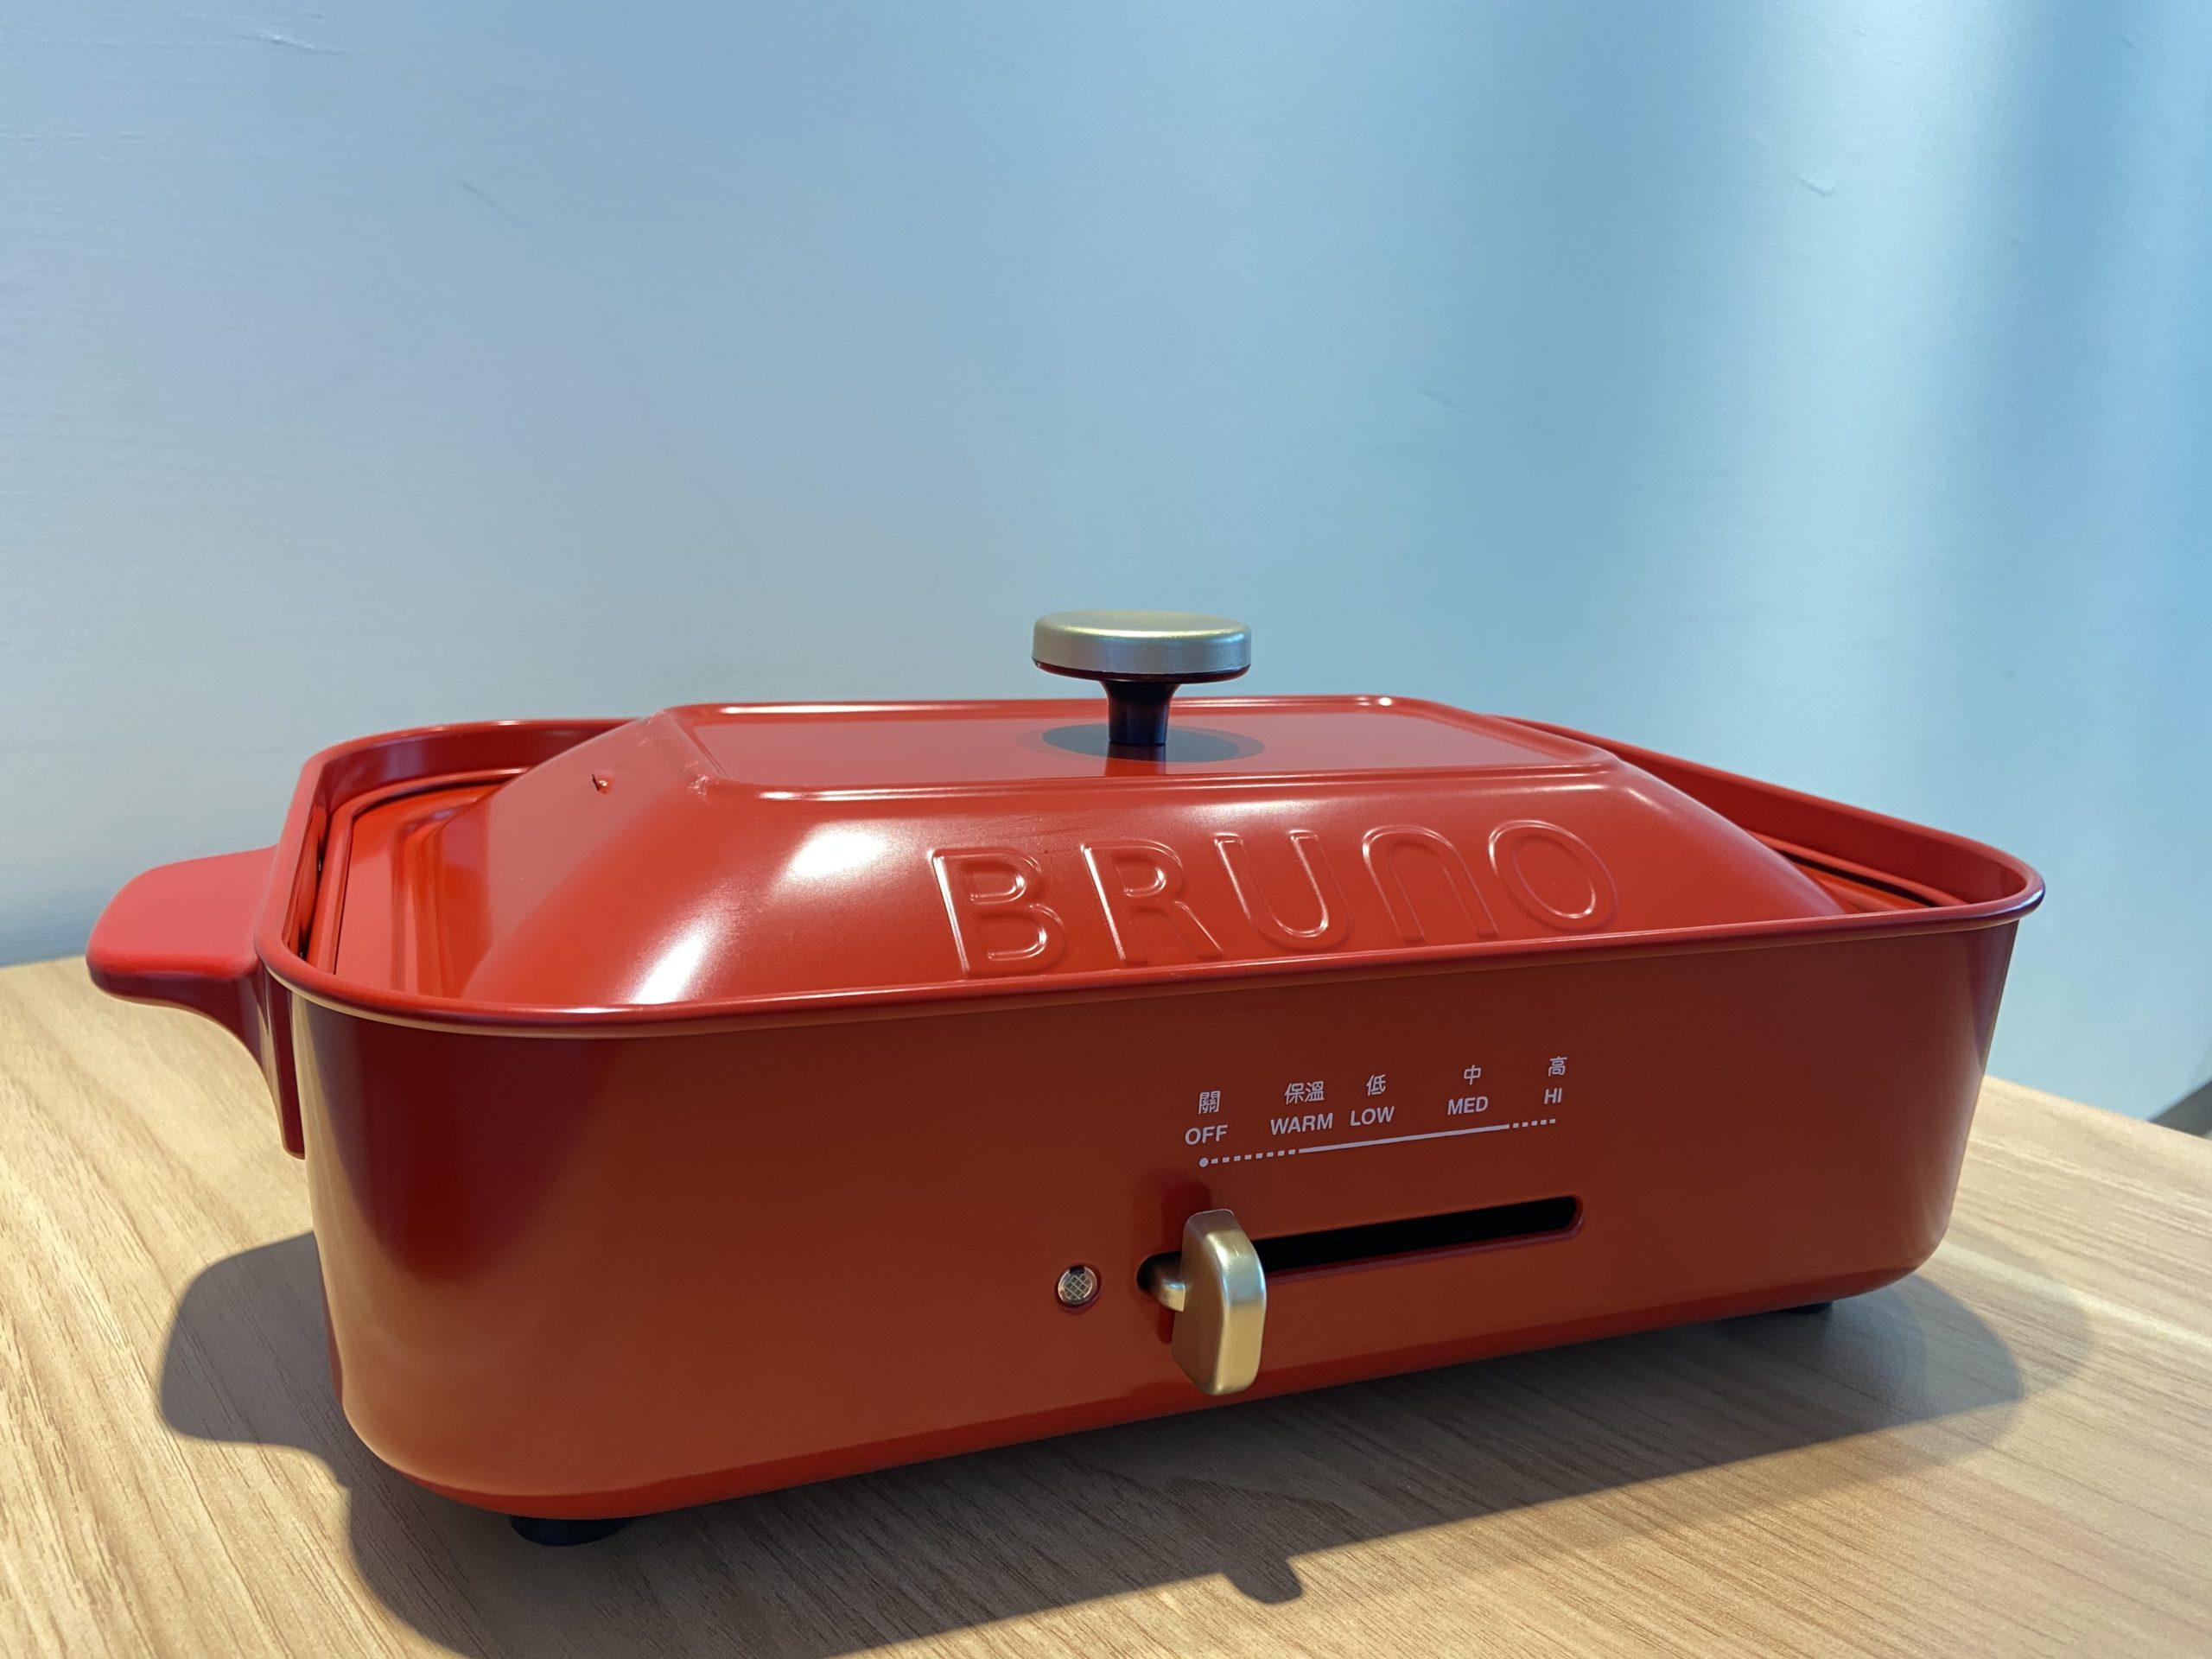 日本 BRUNO 電烤盤評價與介紹 封面